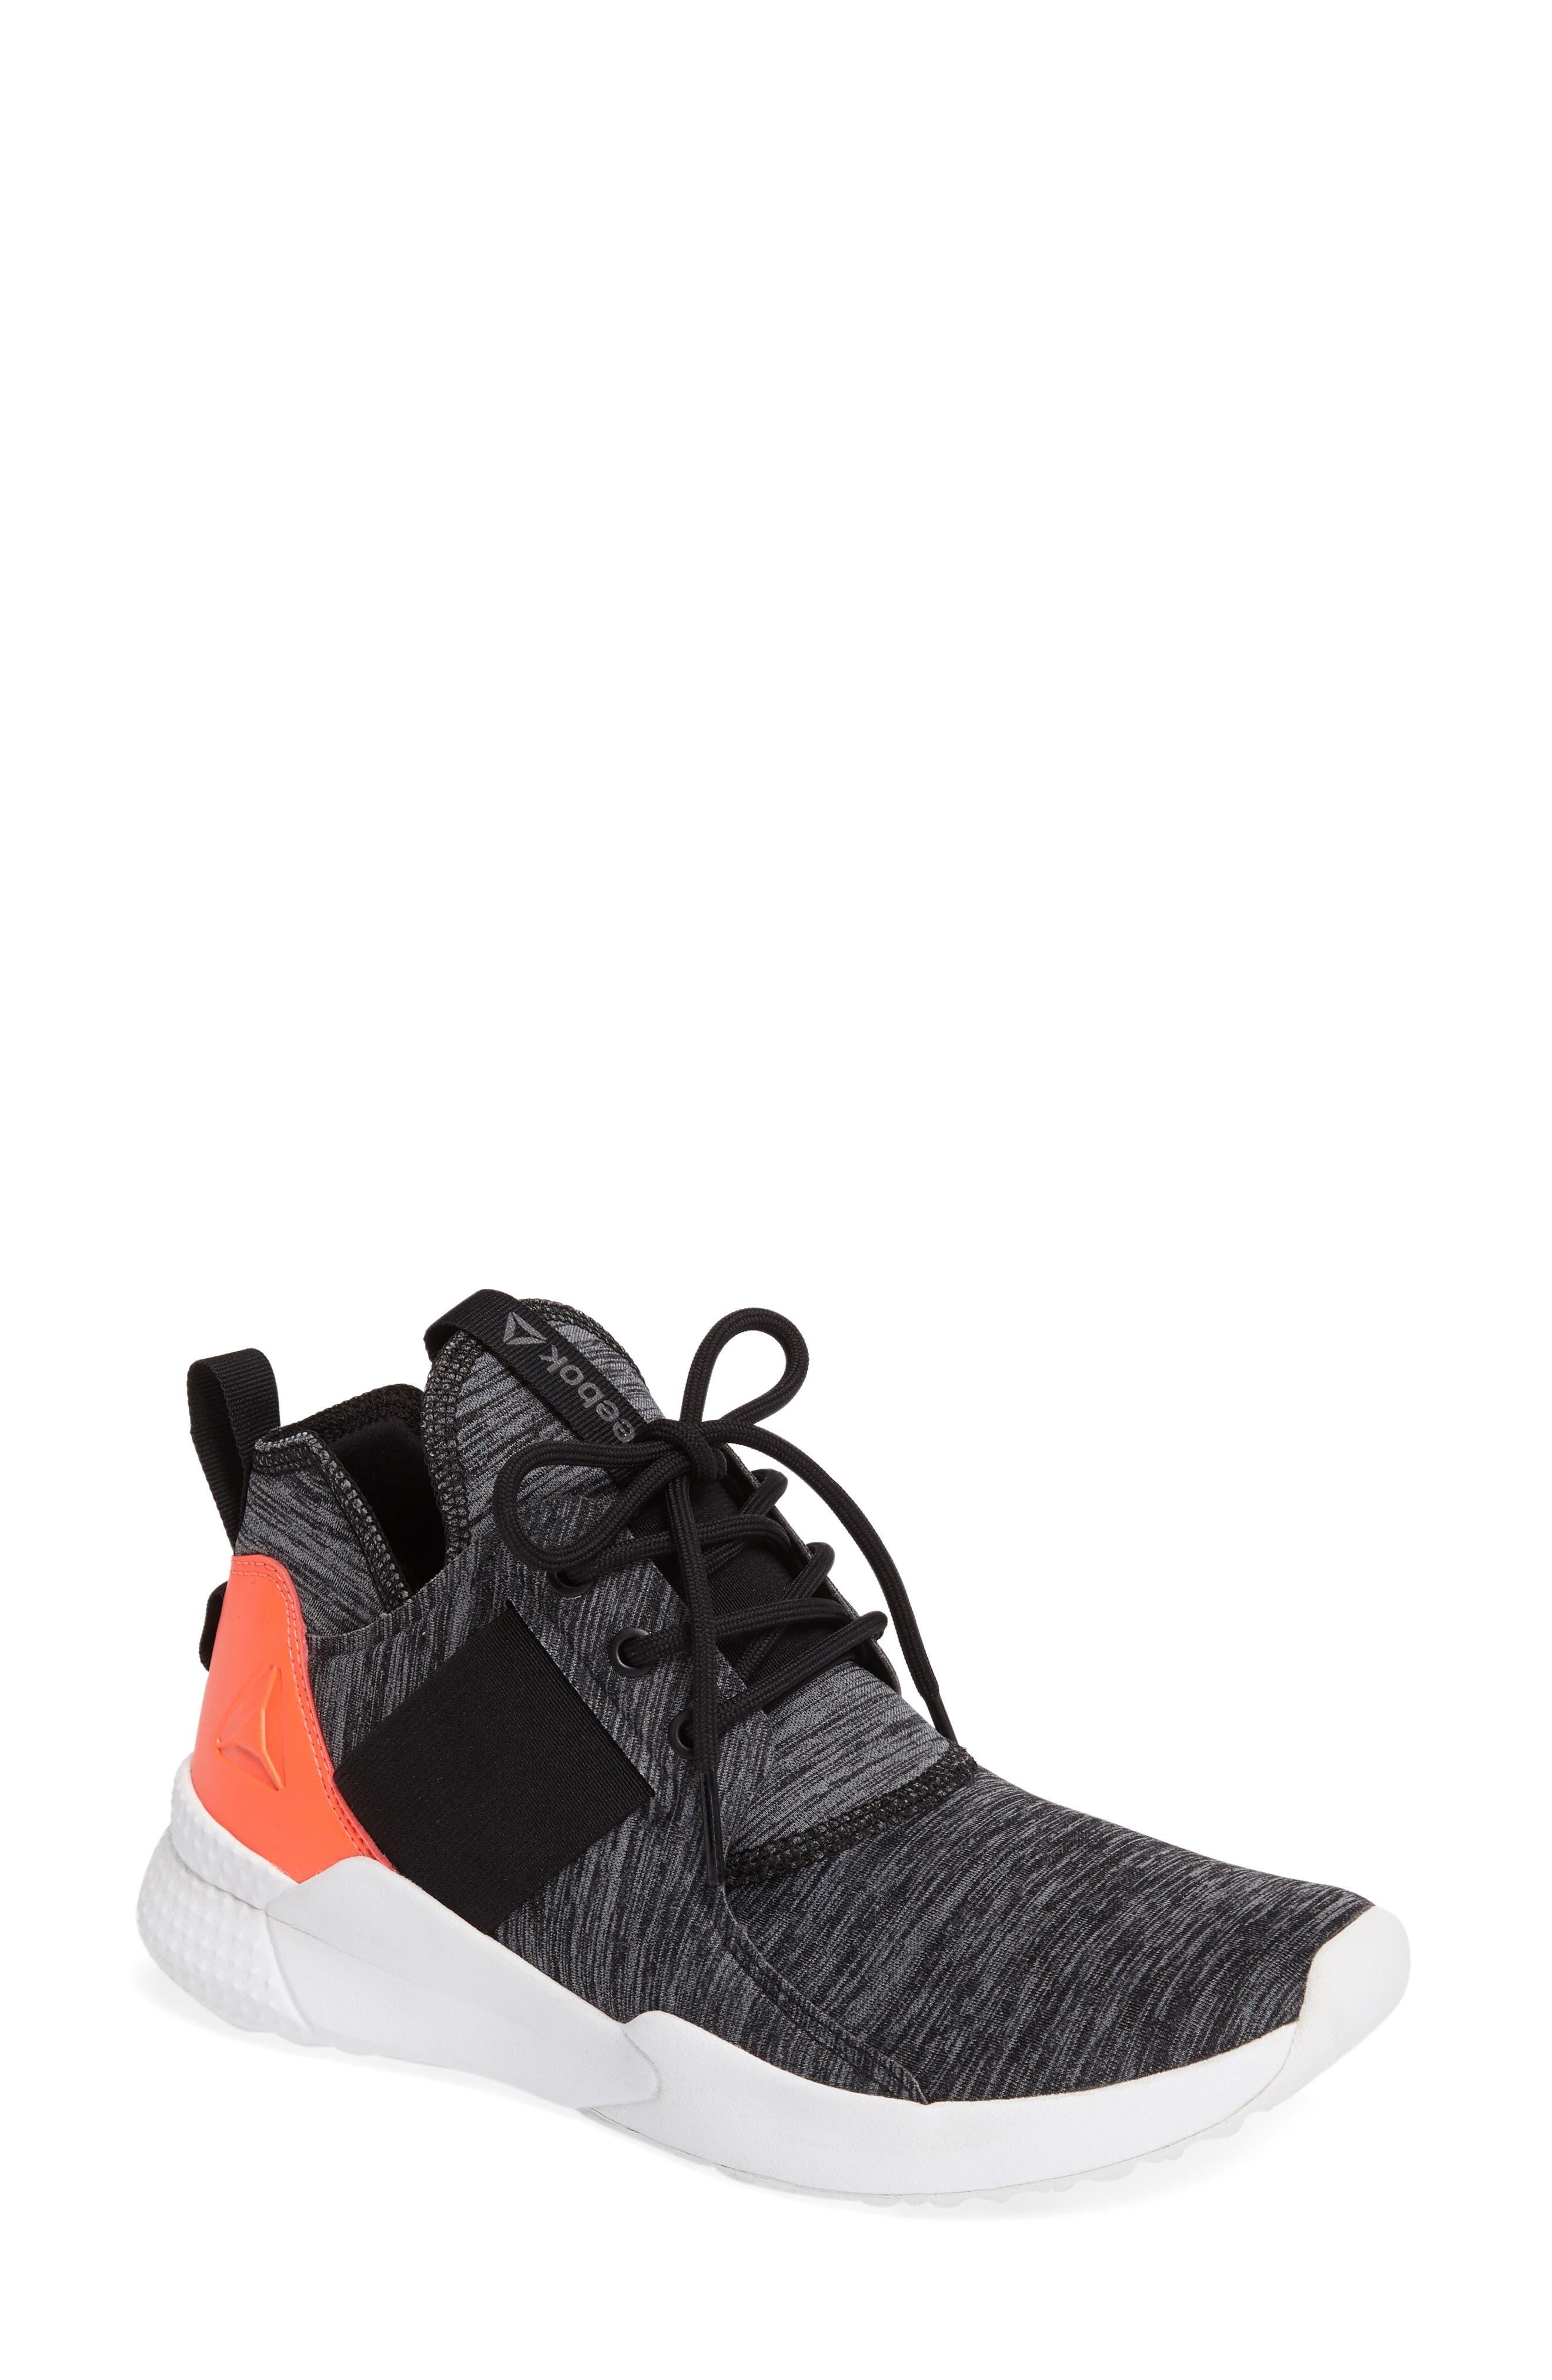 Guresu 1.0 Training Shoe,                             Main thumbnail 3, color,